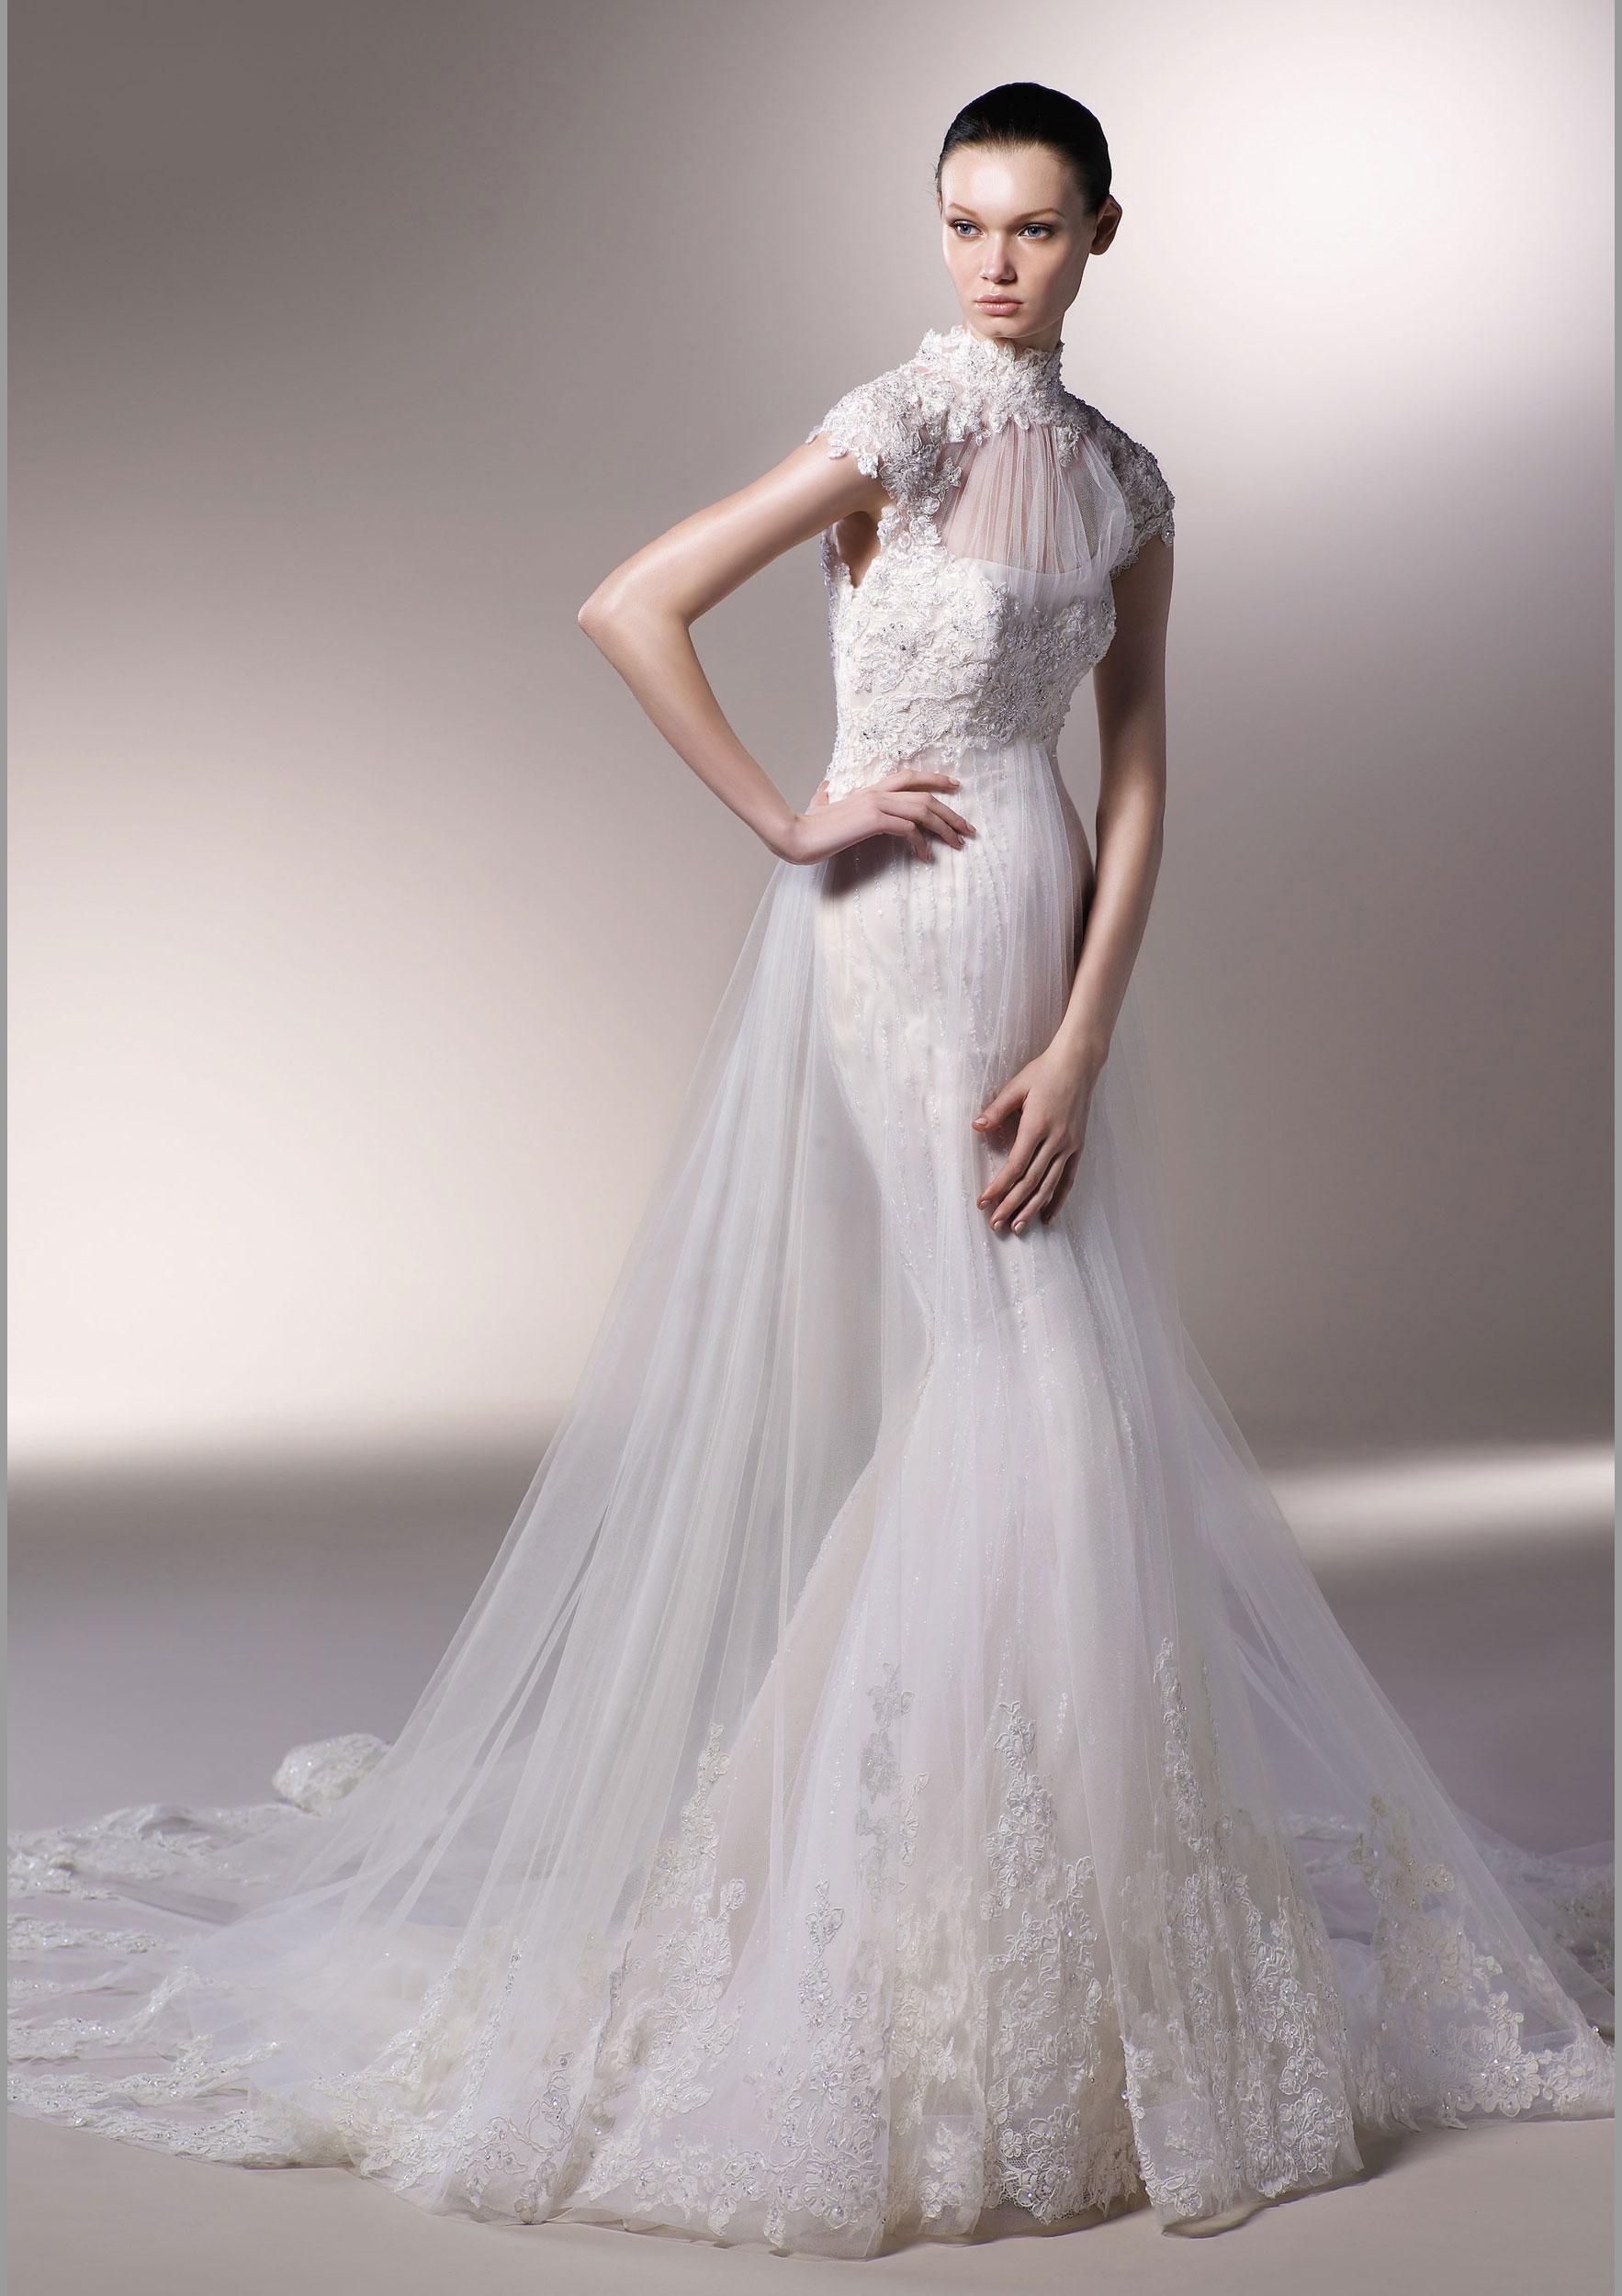 美轮美奂的鱼尾婚纱